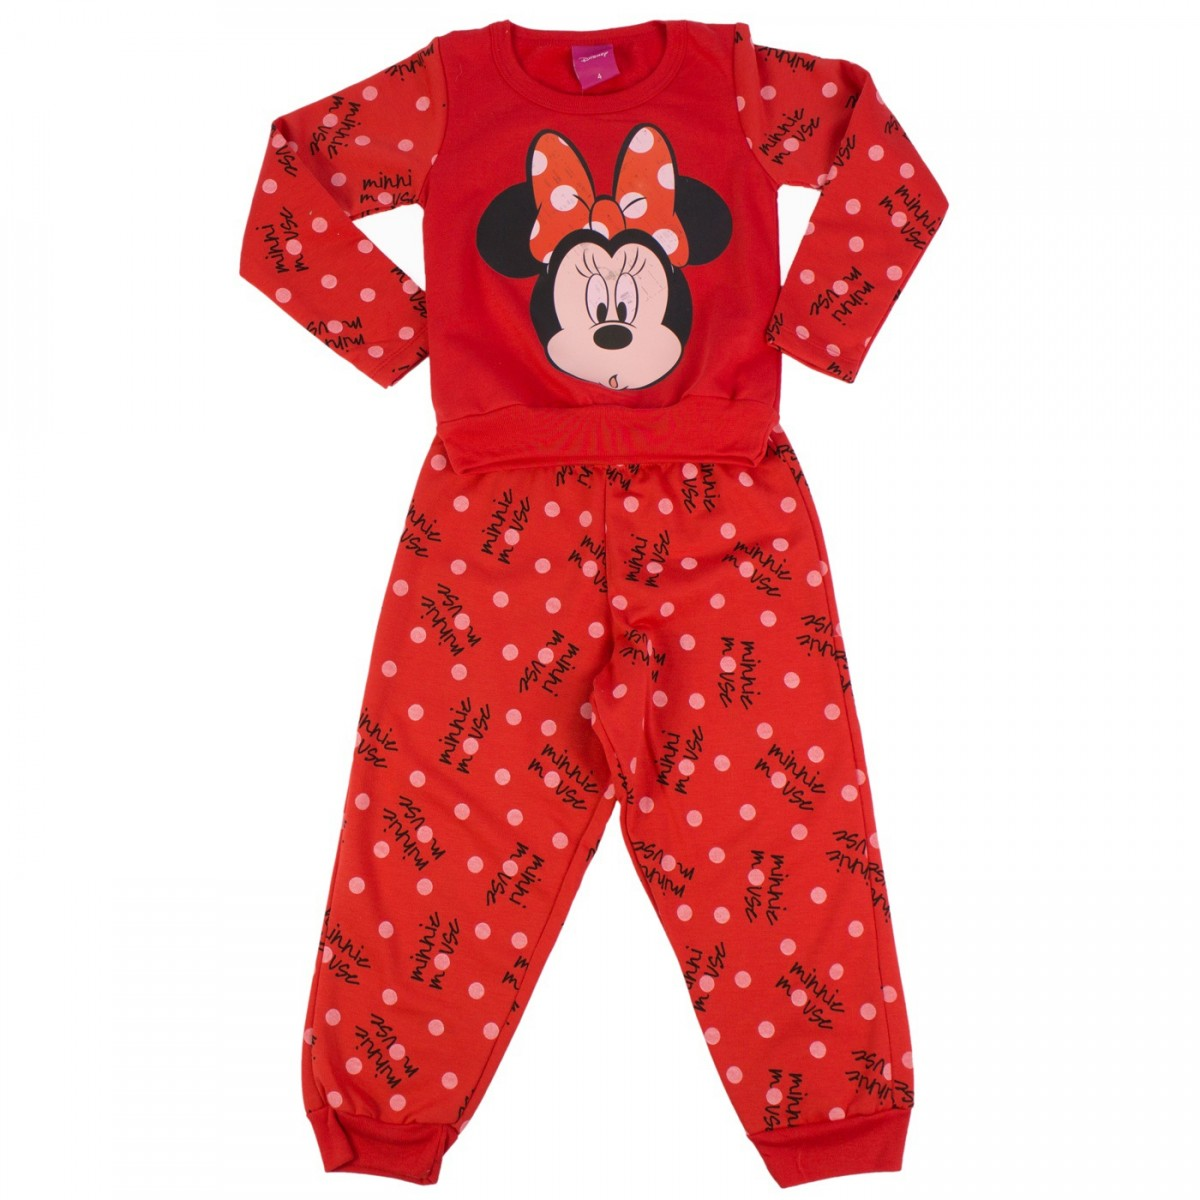 e6fb83bdf8ef0e Pijama Infantil Lupo Disney Minnie Moletom 21.181